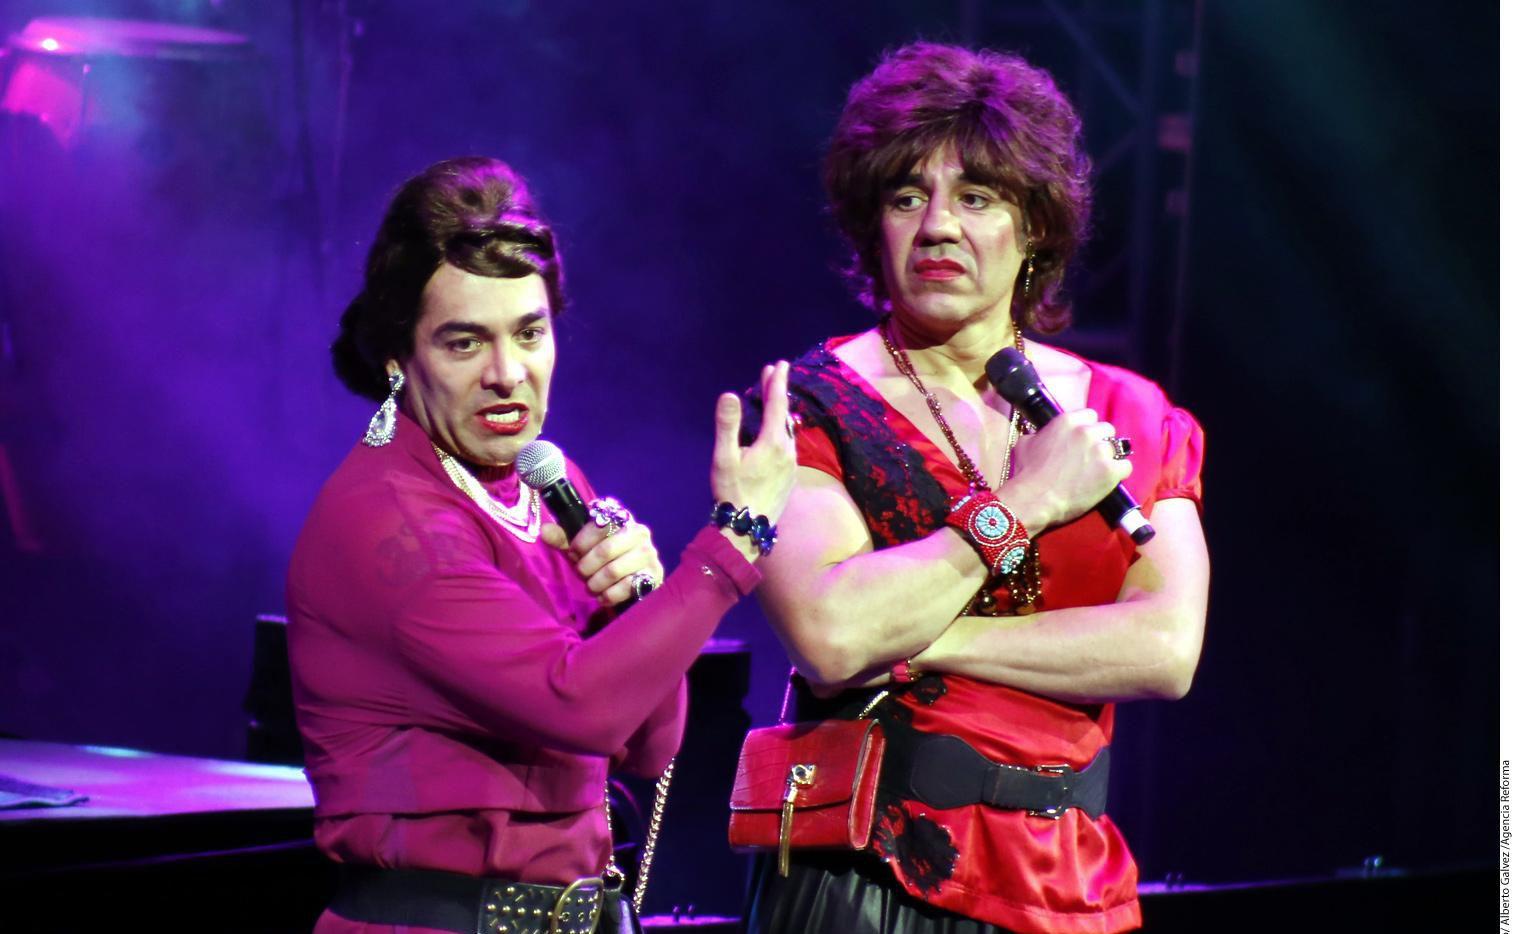 """La pareja de cómicos, Adrián Uribe (der.) y Ómar Chaparro realiza por Estados Unidos su gira """"Imparables"""".(AGENCIA REFORMA)"""